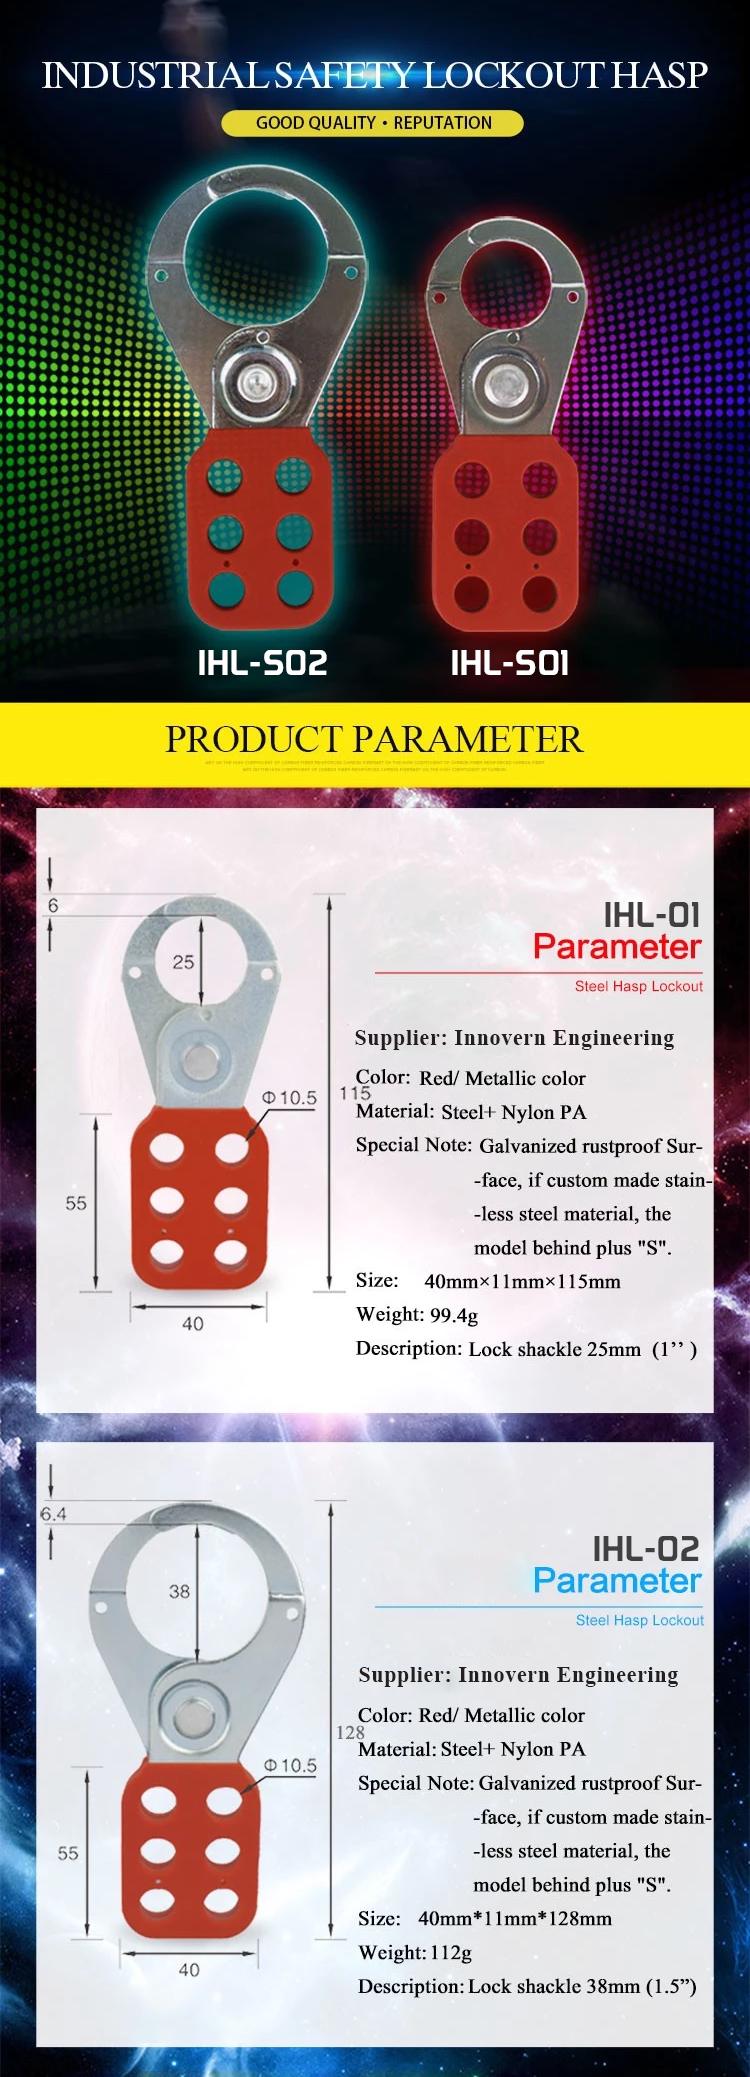 Steel Lockout HASP supplier in Bangladesh.